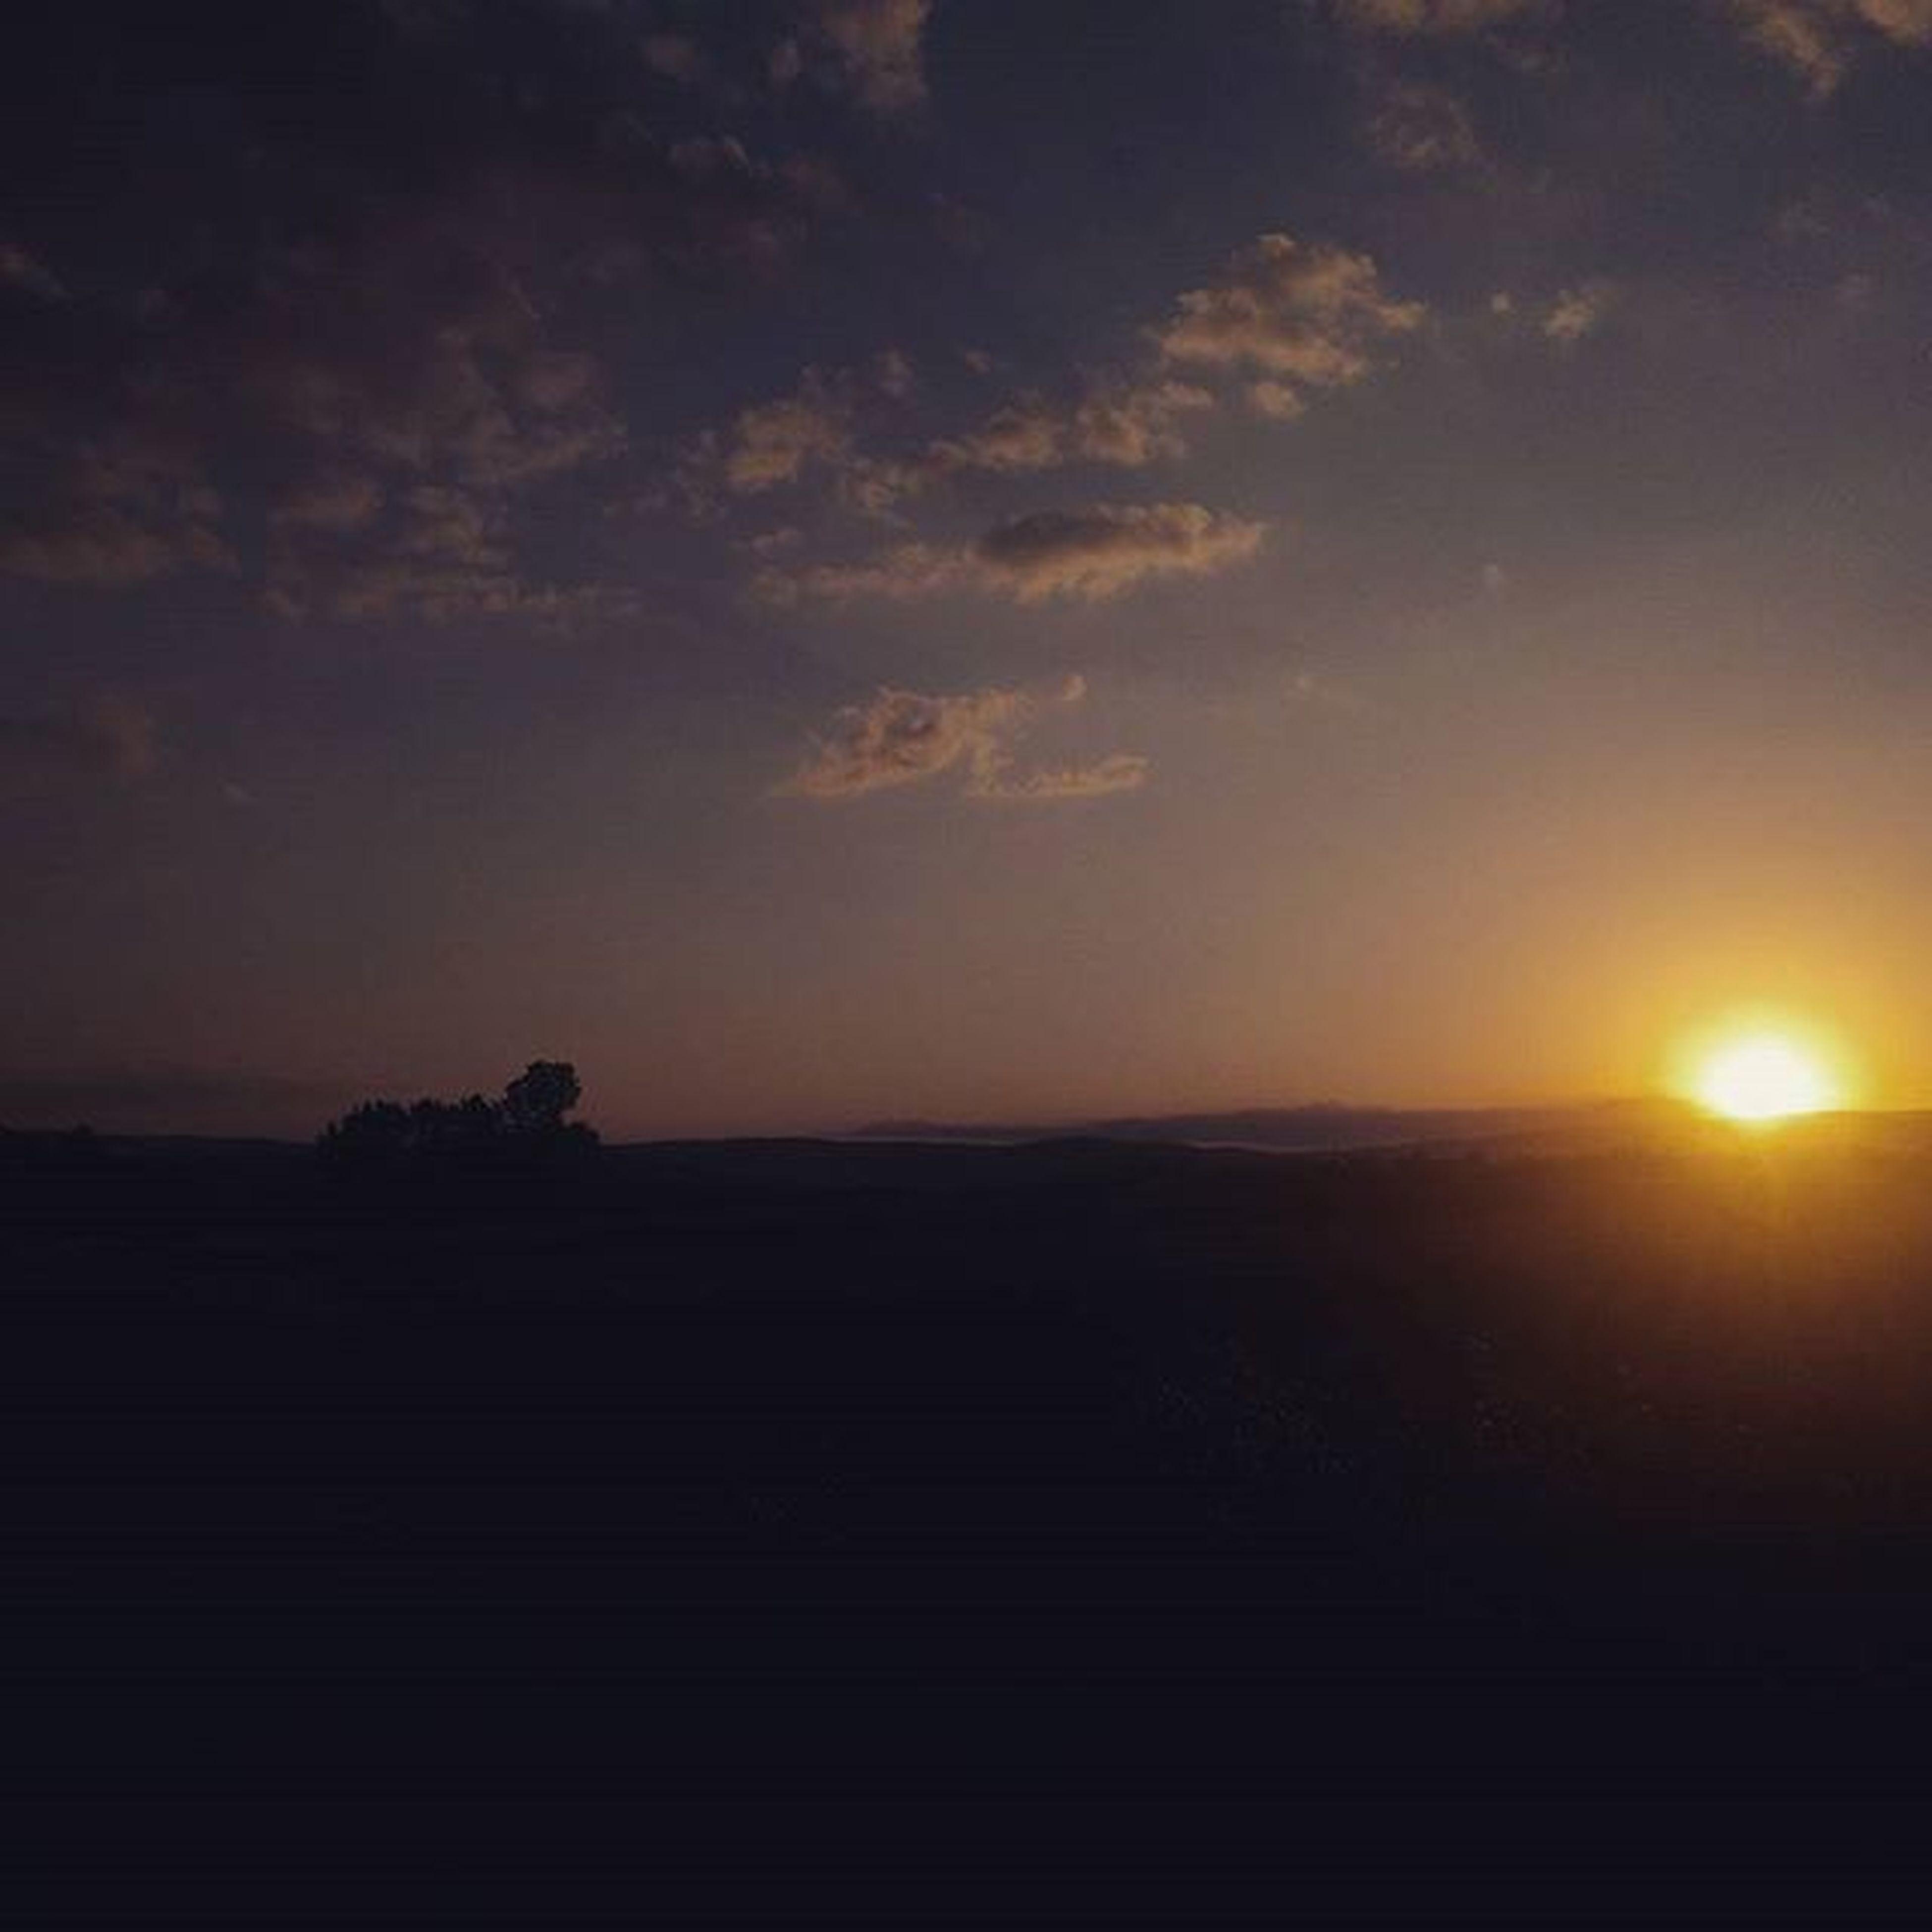 sunset, silhouette, sky, scenics, tranquil scene, sun, beauty in nature, tranquility, cloud - sky, orange color, landscape, nature, idyllic, dark, cloud, sunlight, dramatic sky, sunbeam, cloudy, outdoors